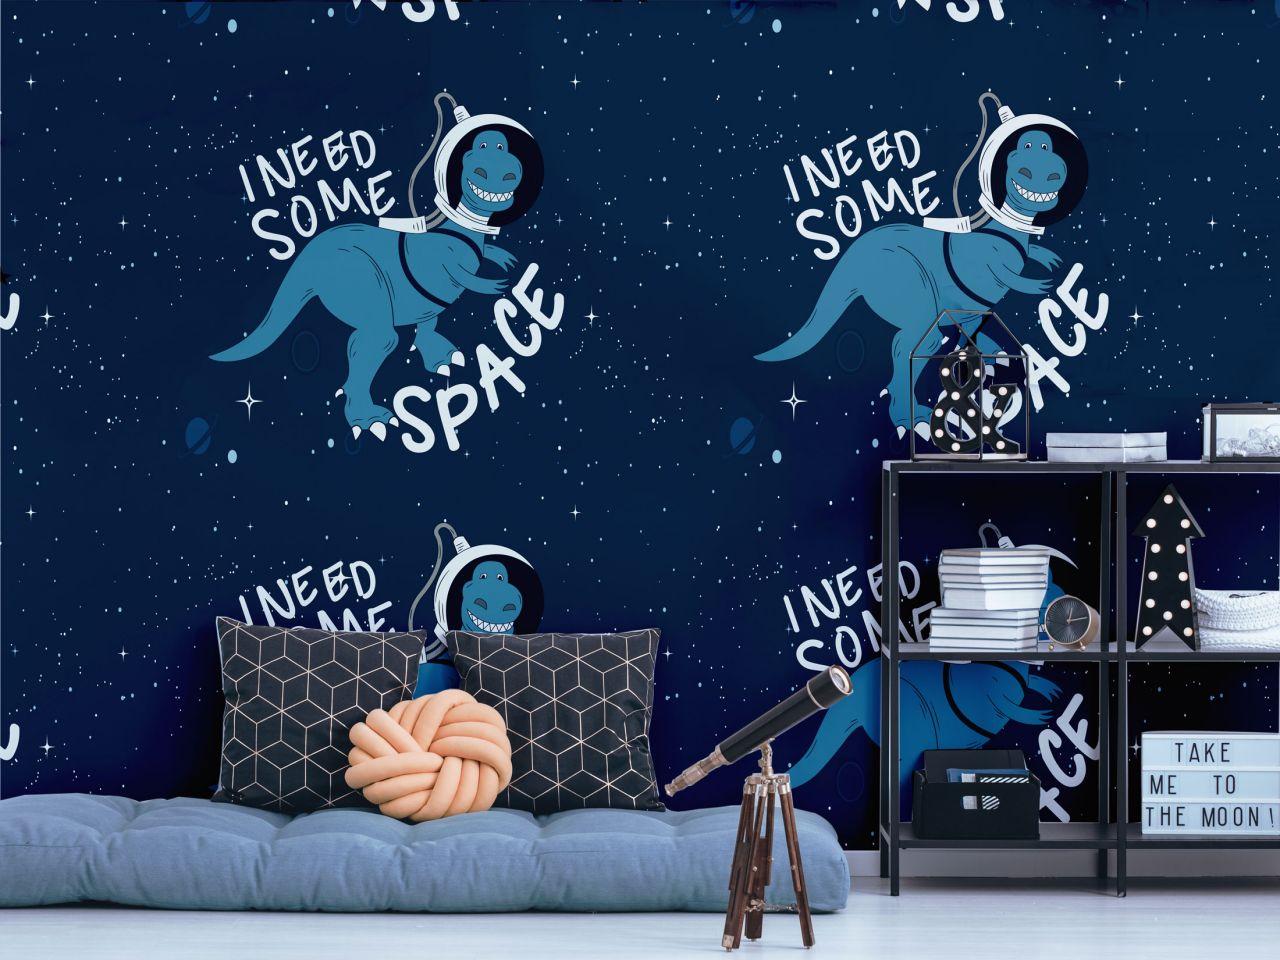 טפט i need some space